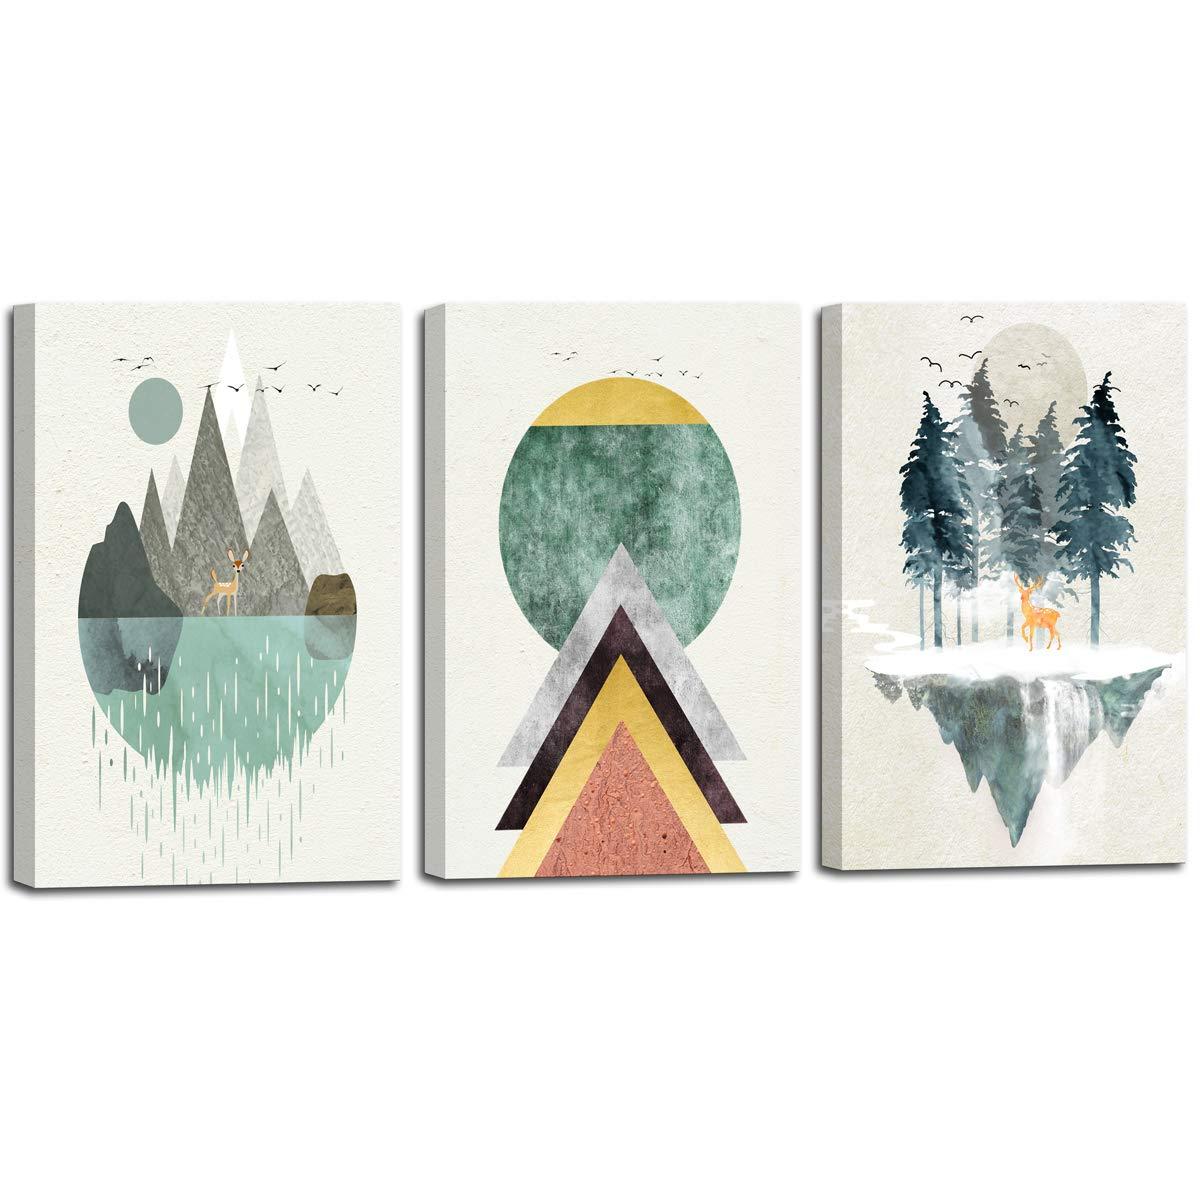 Cuadros decorativos Canvas 3 paneles de 30 x 40 cm Abstract